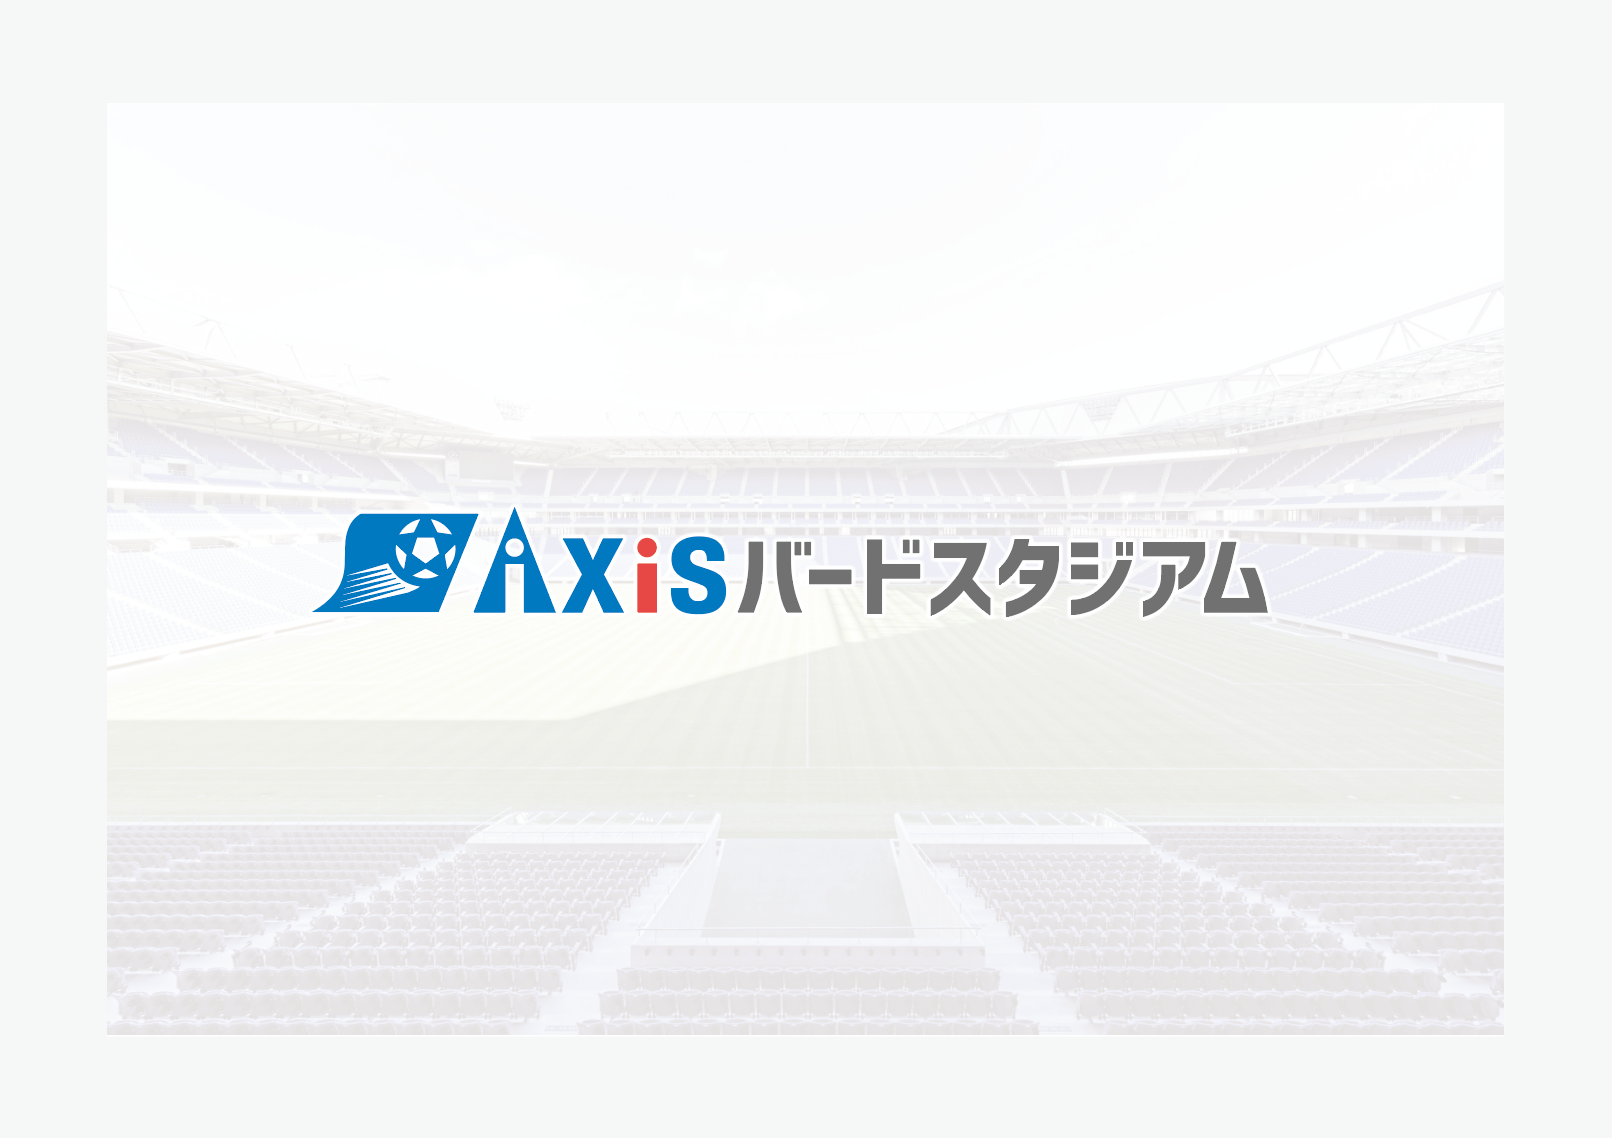 Axisバードスタジアムロゴマーク   鳥取県サッカー協会